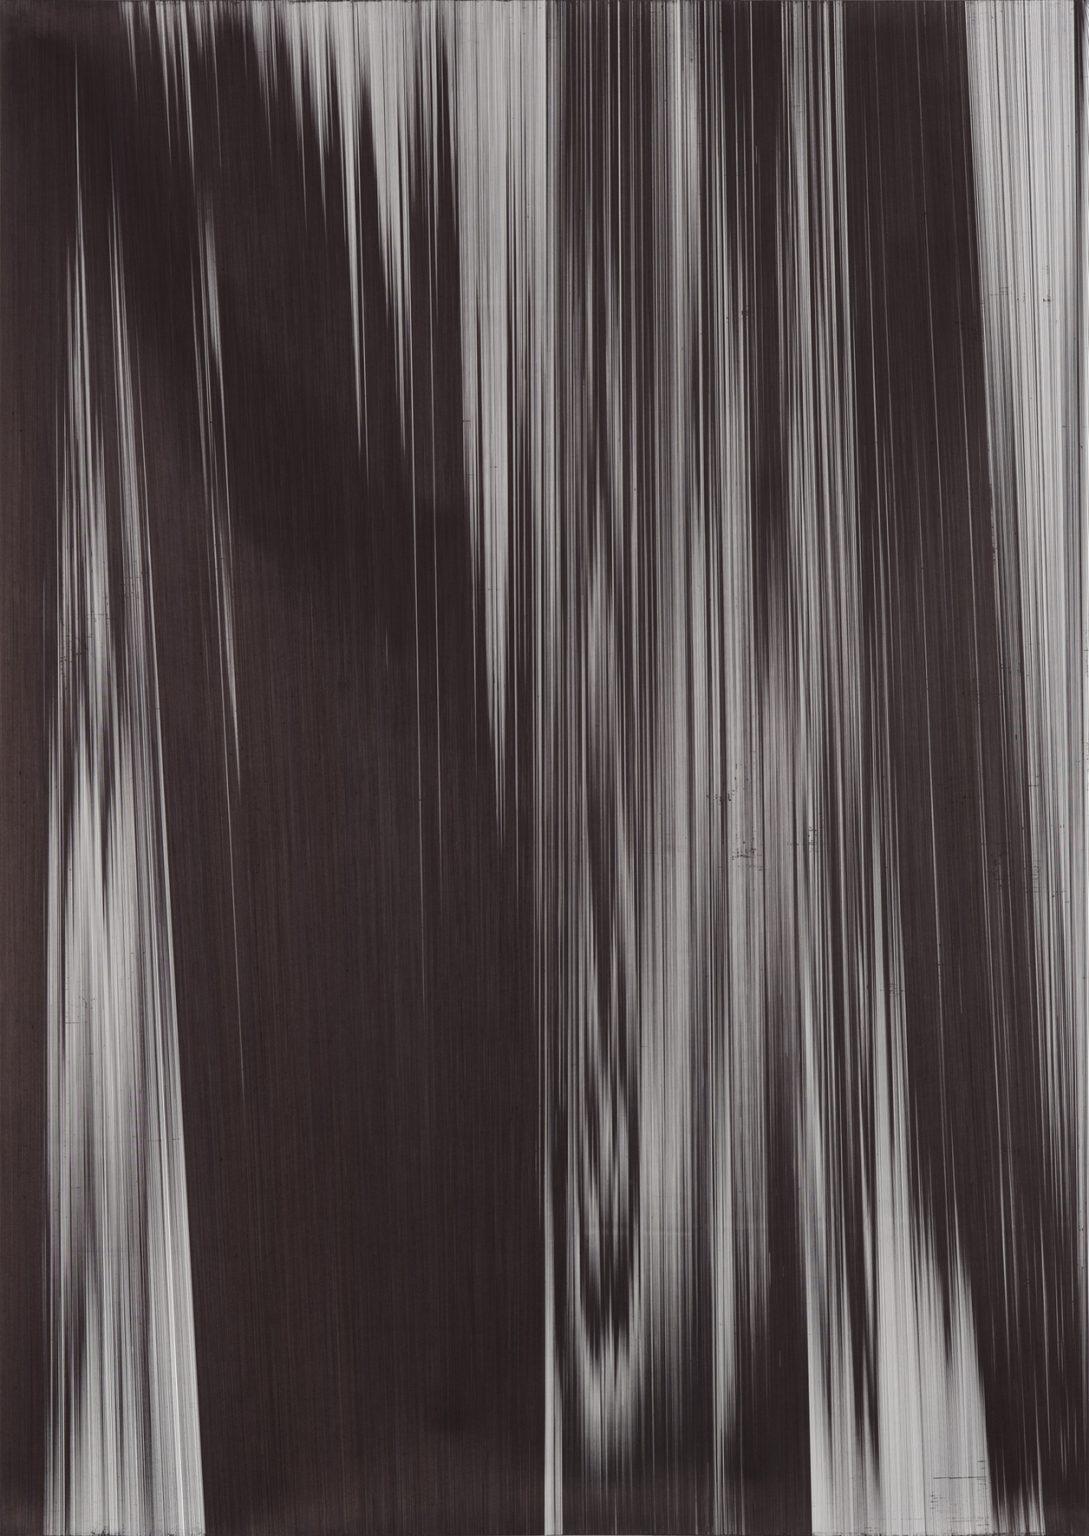 Caroline Kryzecki, KSZ 270/190–03,Kugelschreiber auf Papier, 270 x 190 cm,2018. Foto: Marcus Schneider